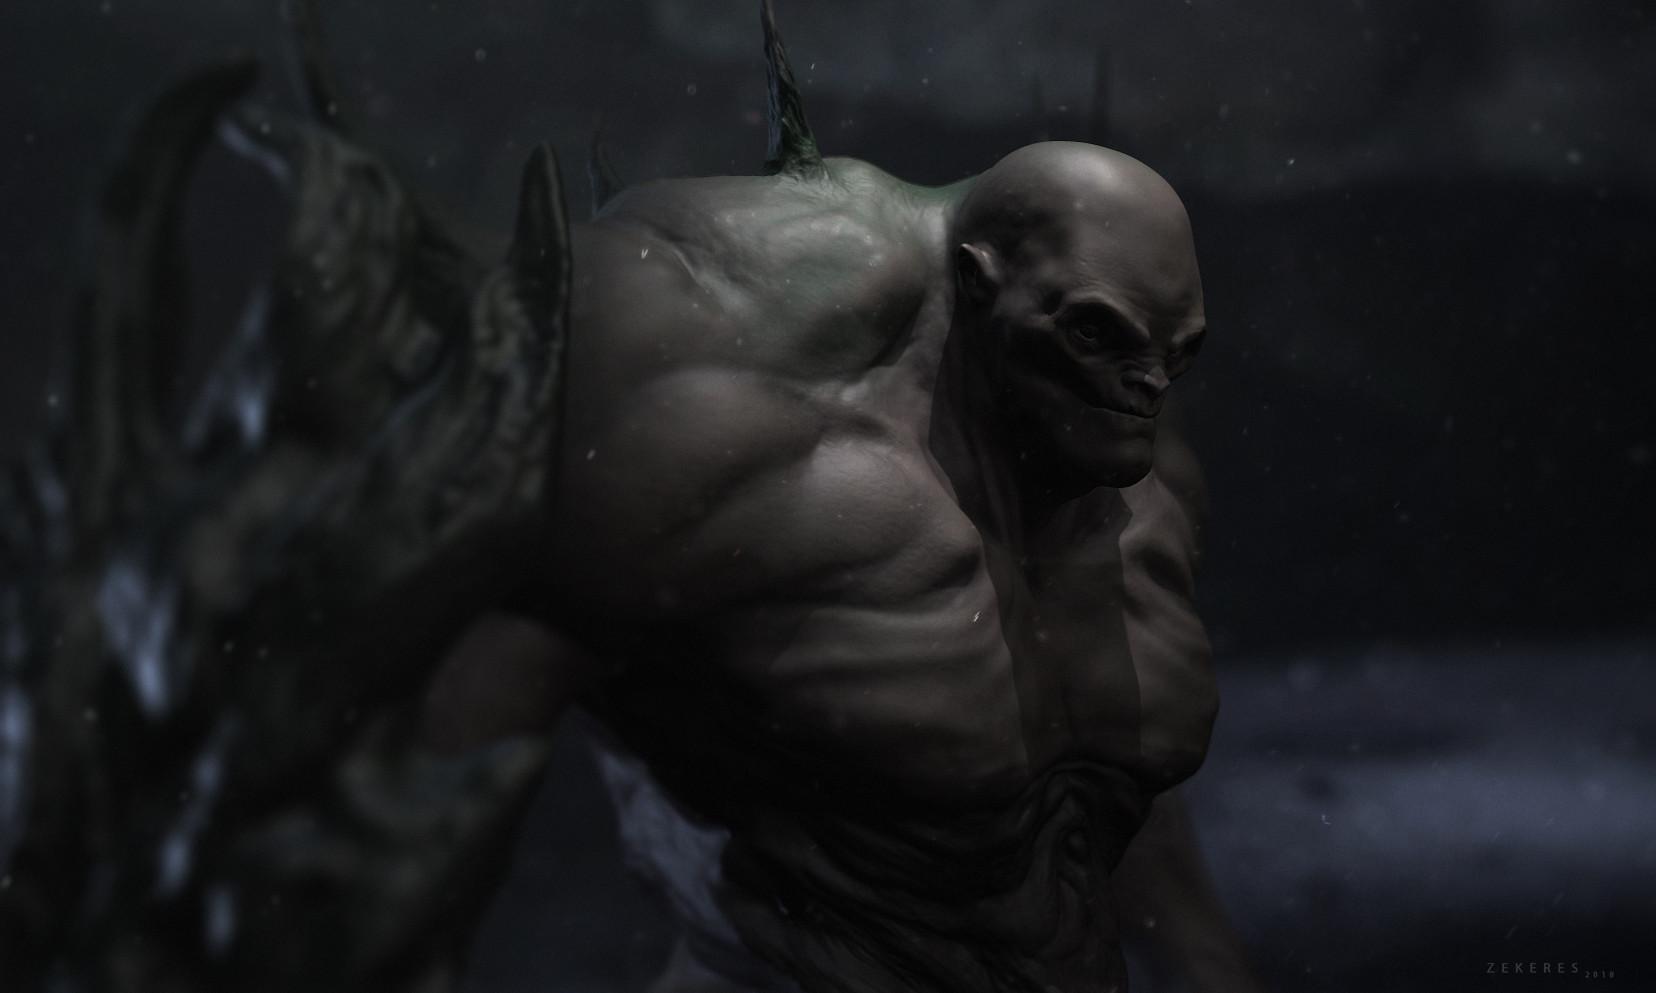 Peter zekeres orc render movie01